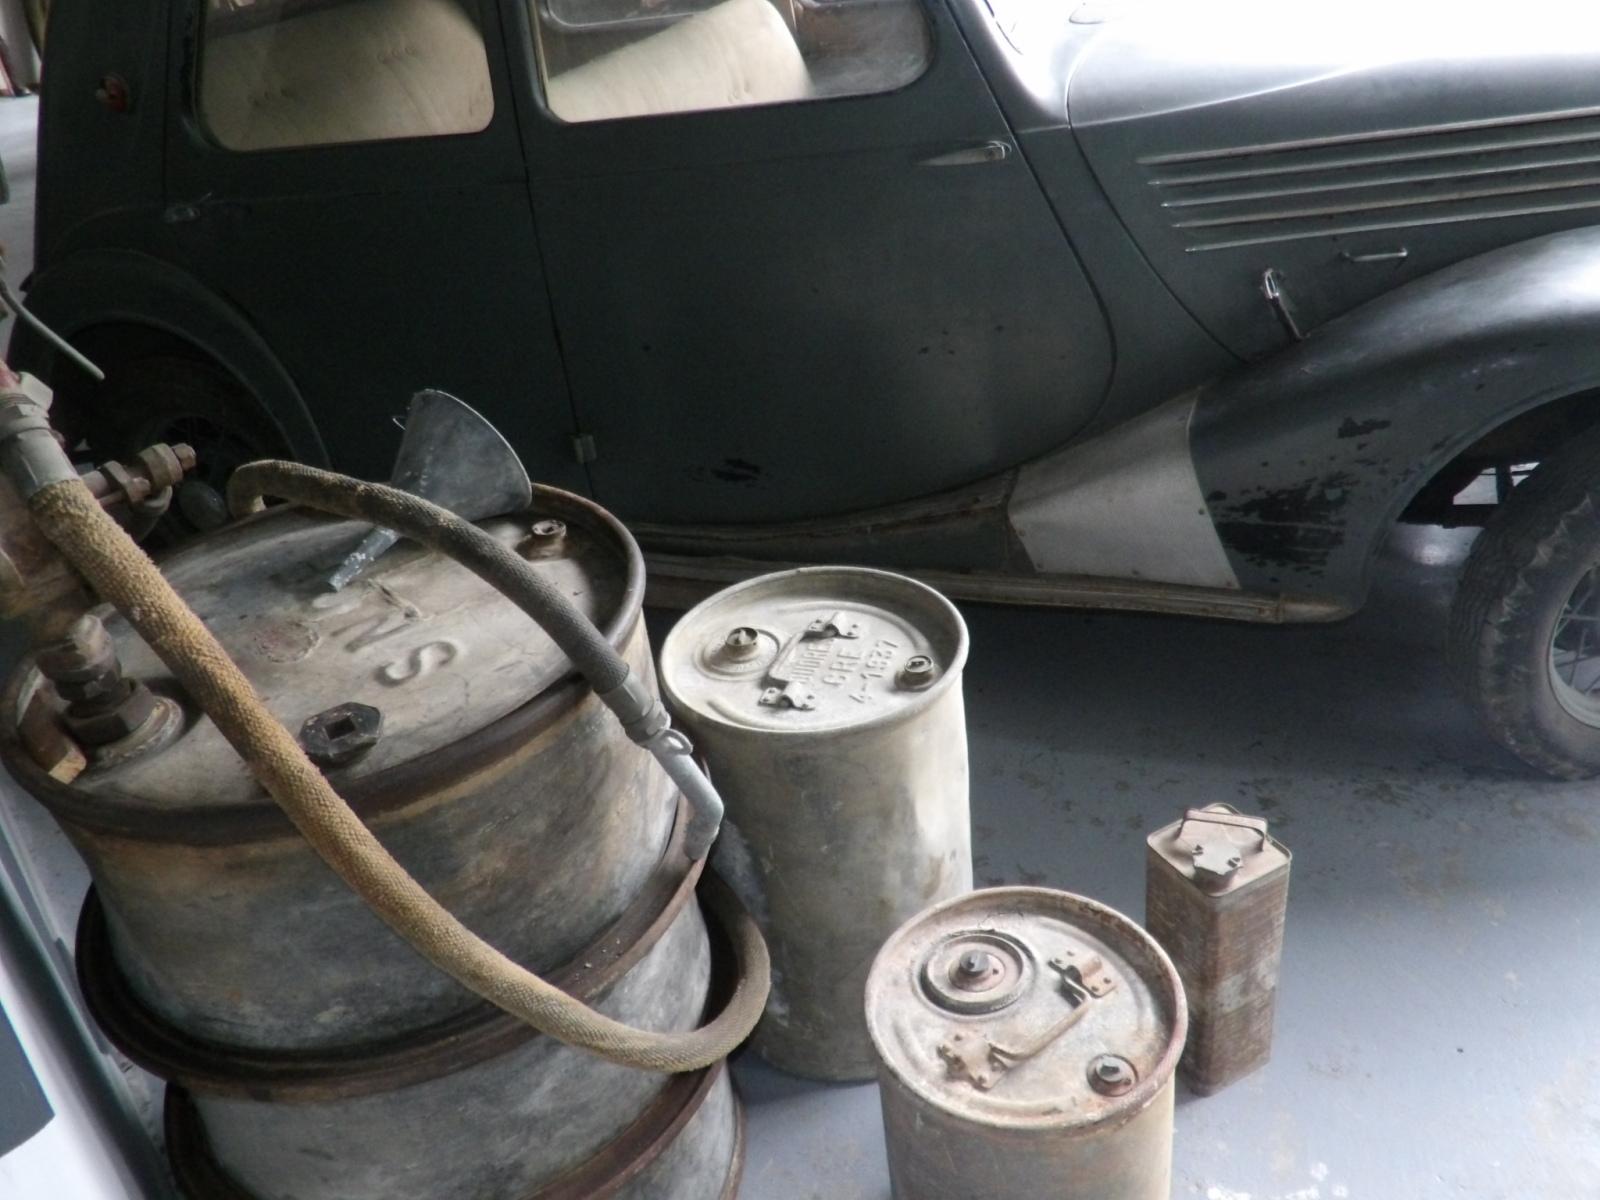 Les bidons d'huile&essence et accessoires pour auto/moto - Page 2 Jahq4z